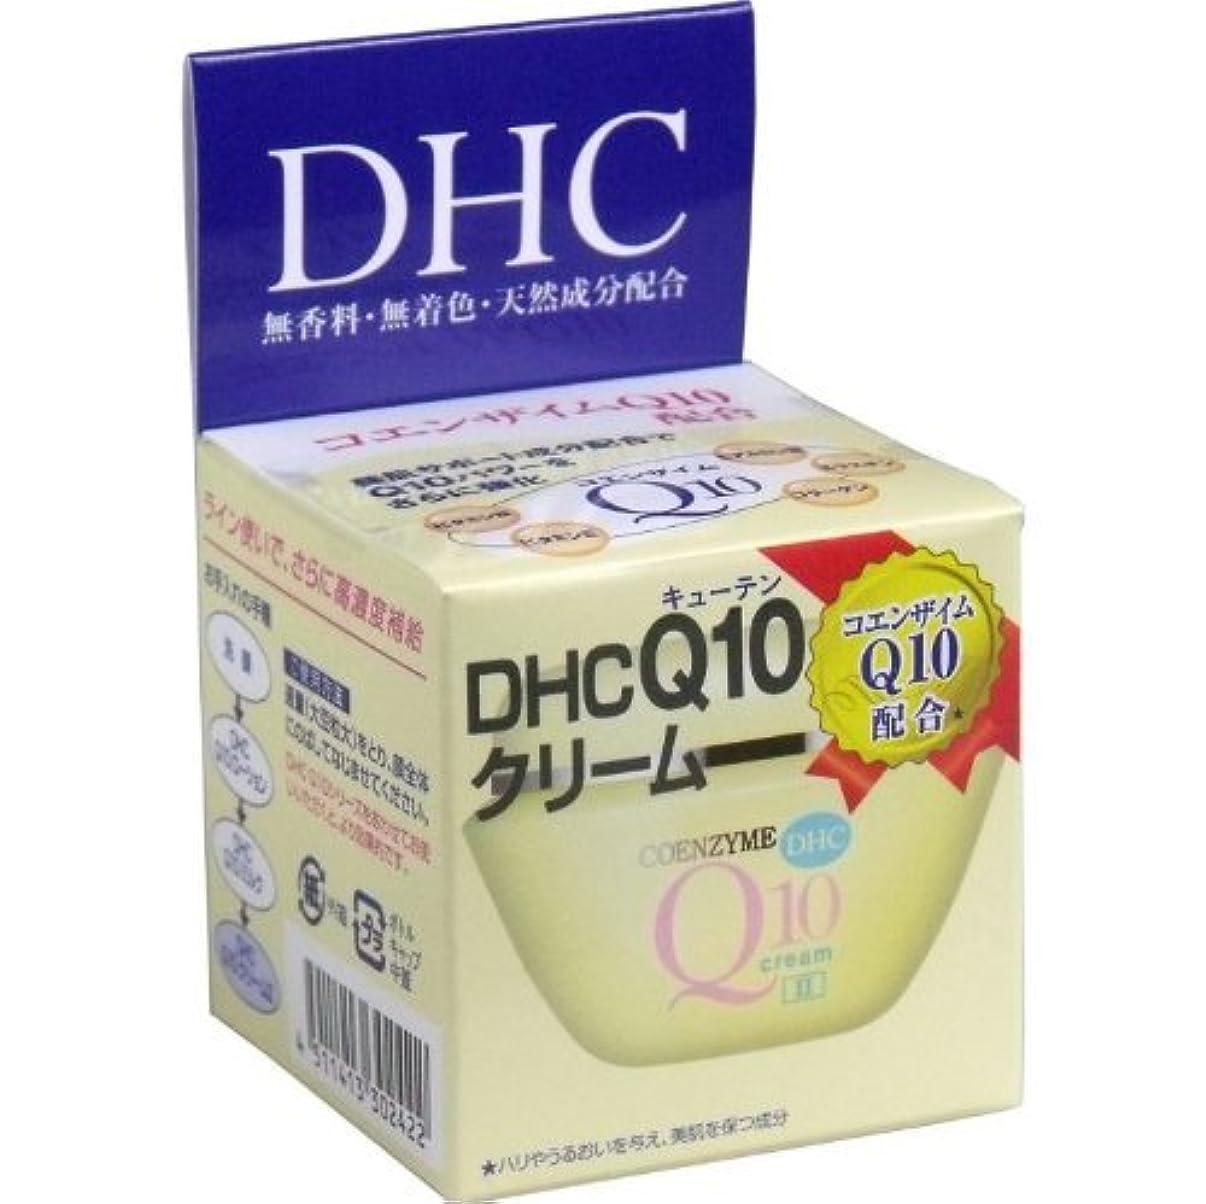 狐シロナガスクジラインターネット【セット品】DHC Q10クリーム2 20g 4個